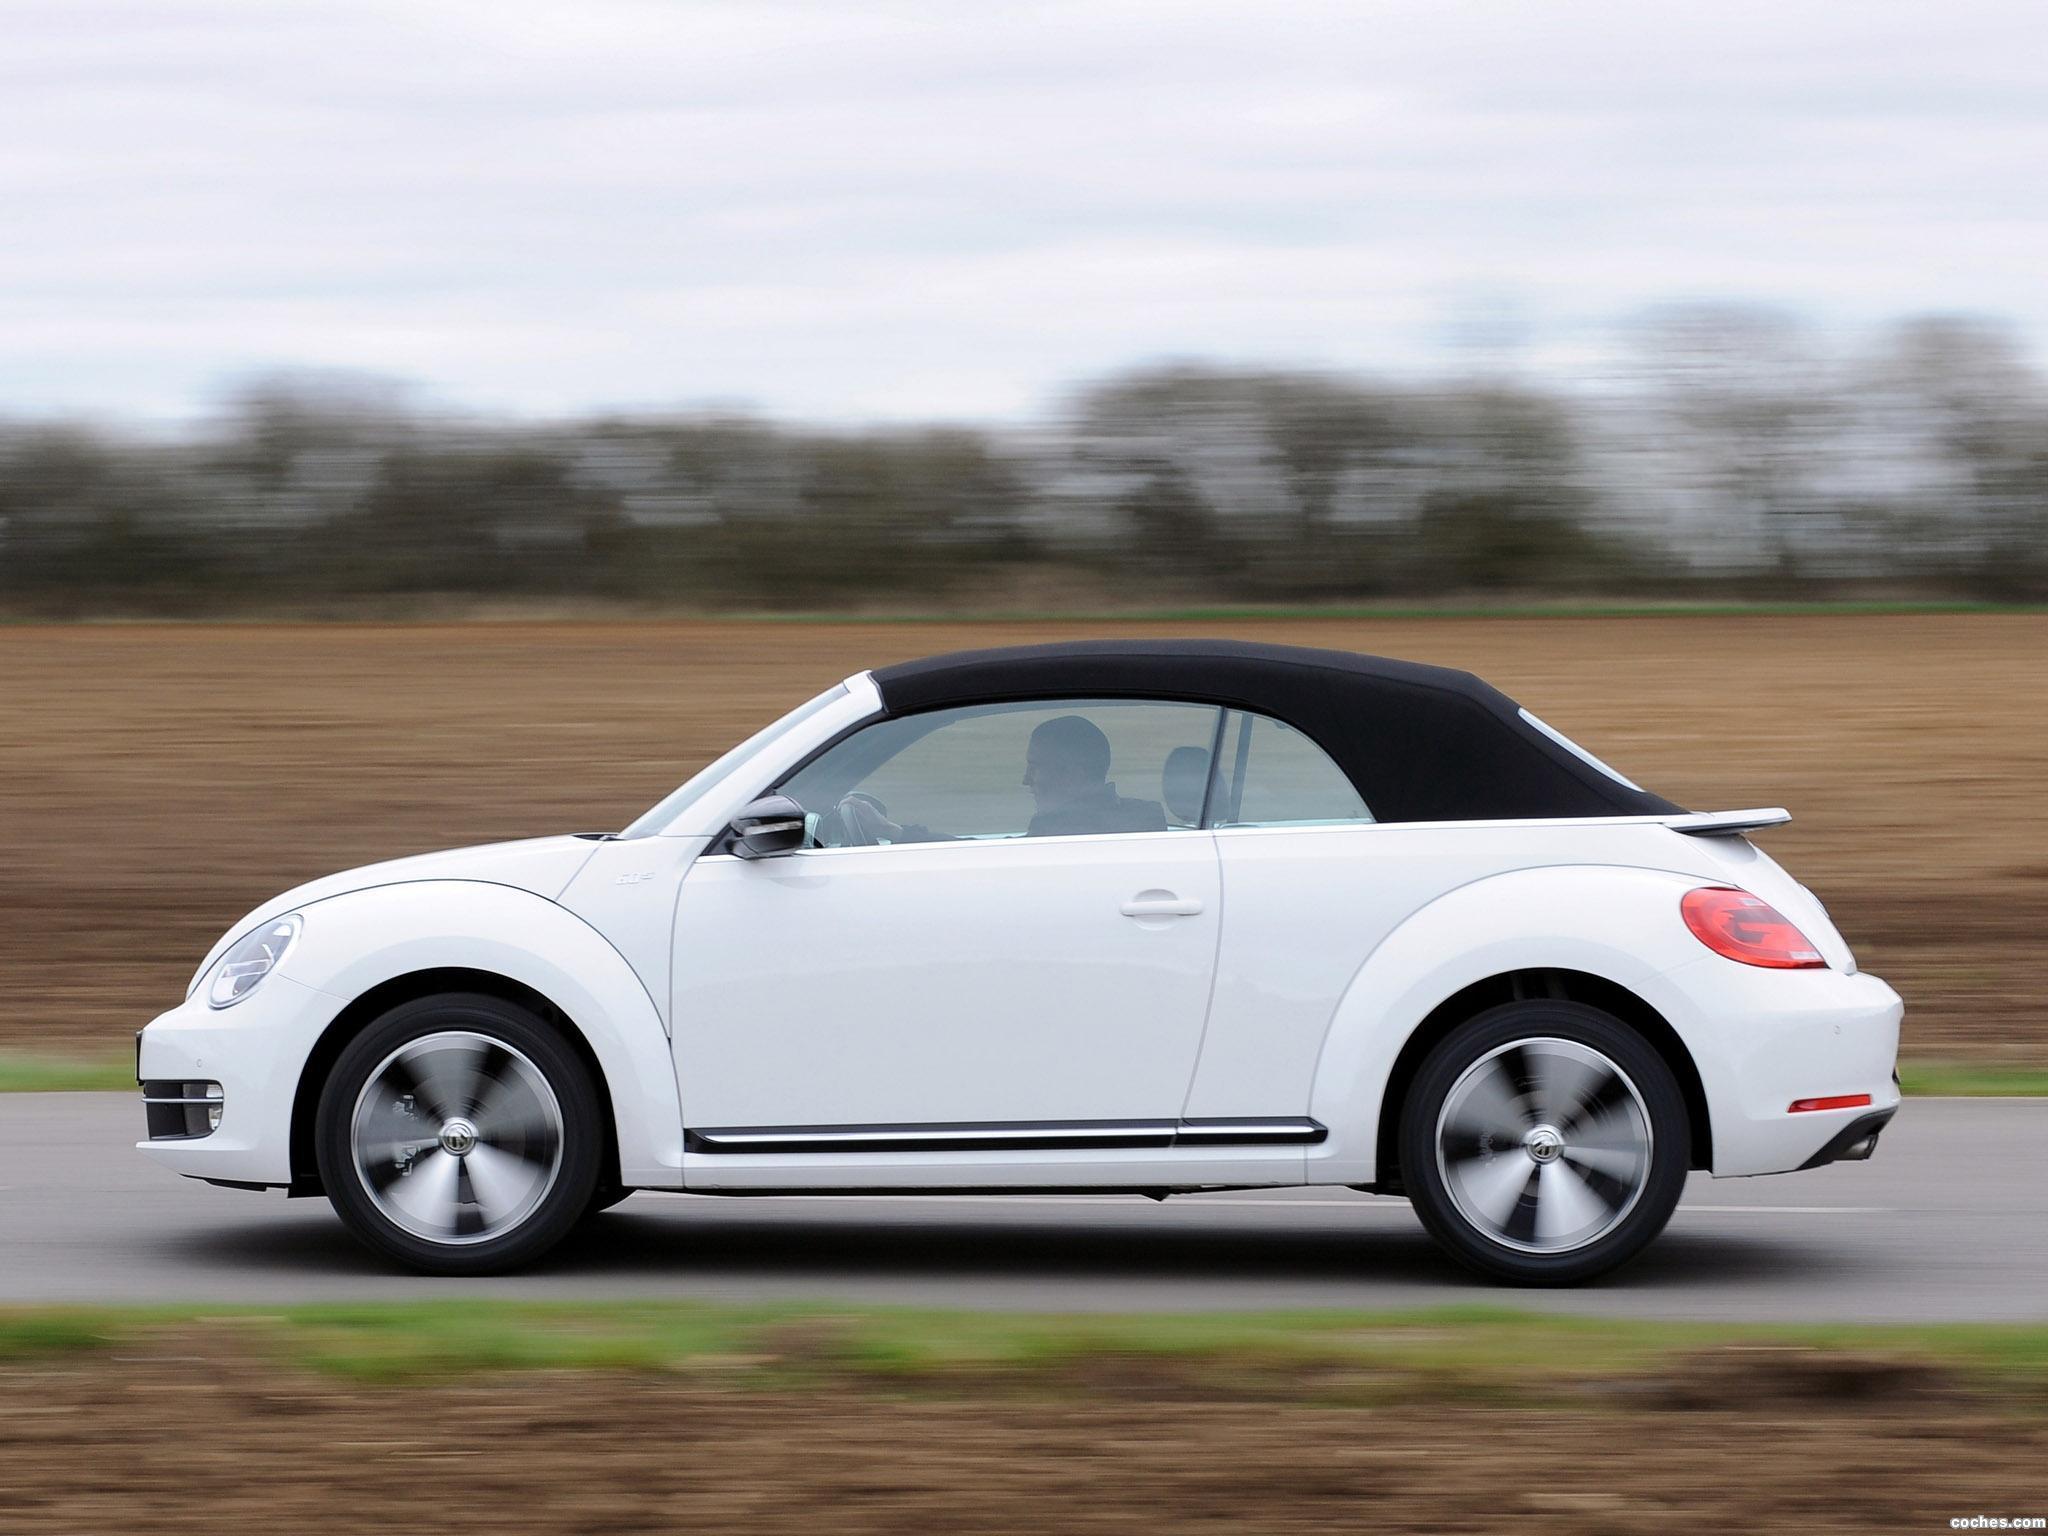 Foto 1 de Volkswagen Beetle Cabrio 60s Edition UK 2013